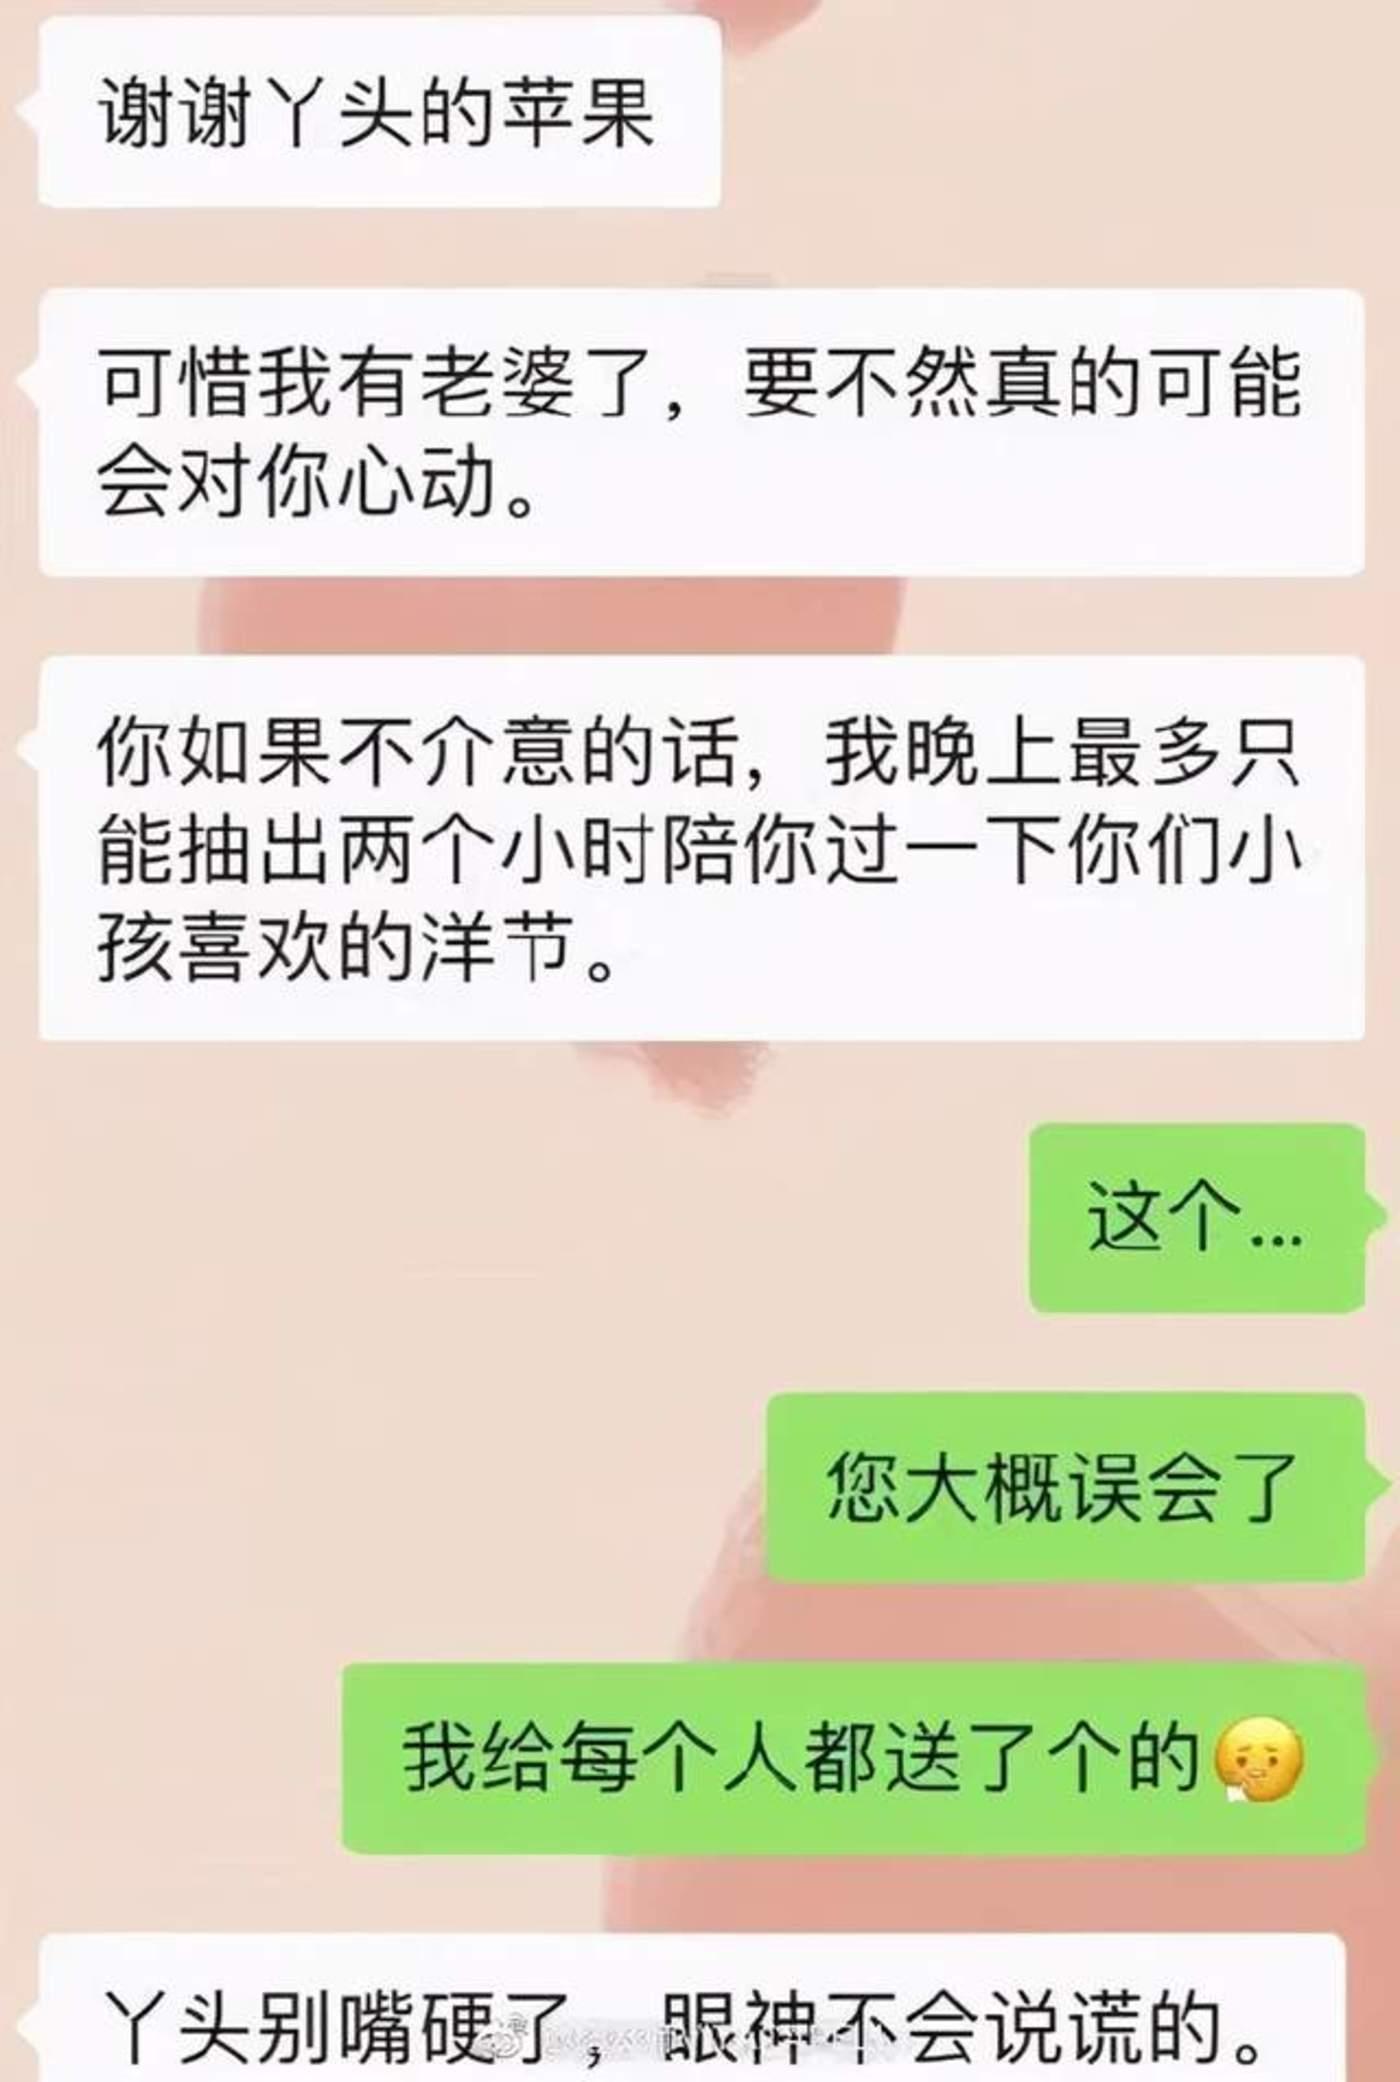 """用户上传的""""普信男""""油腻对话"""